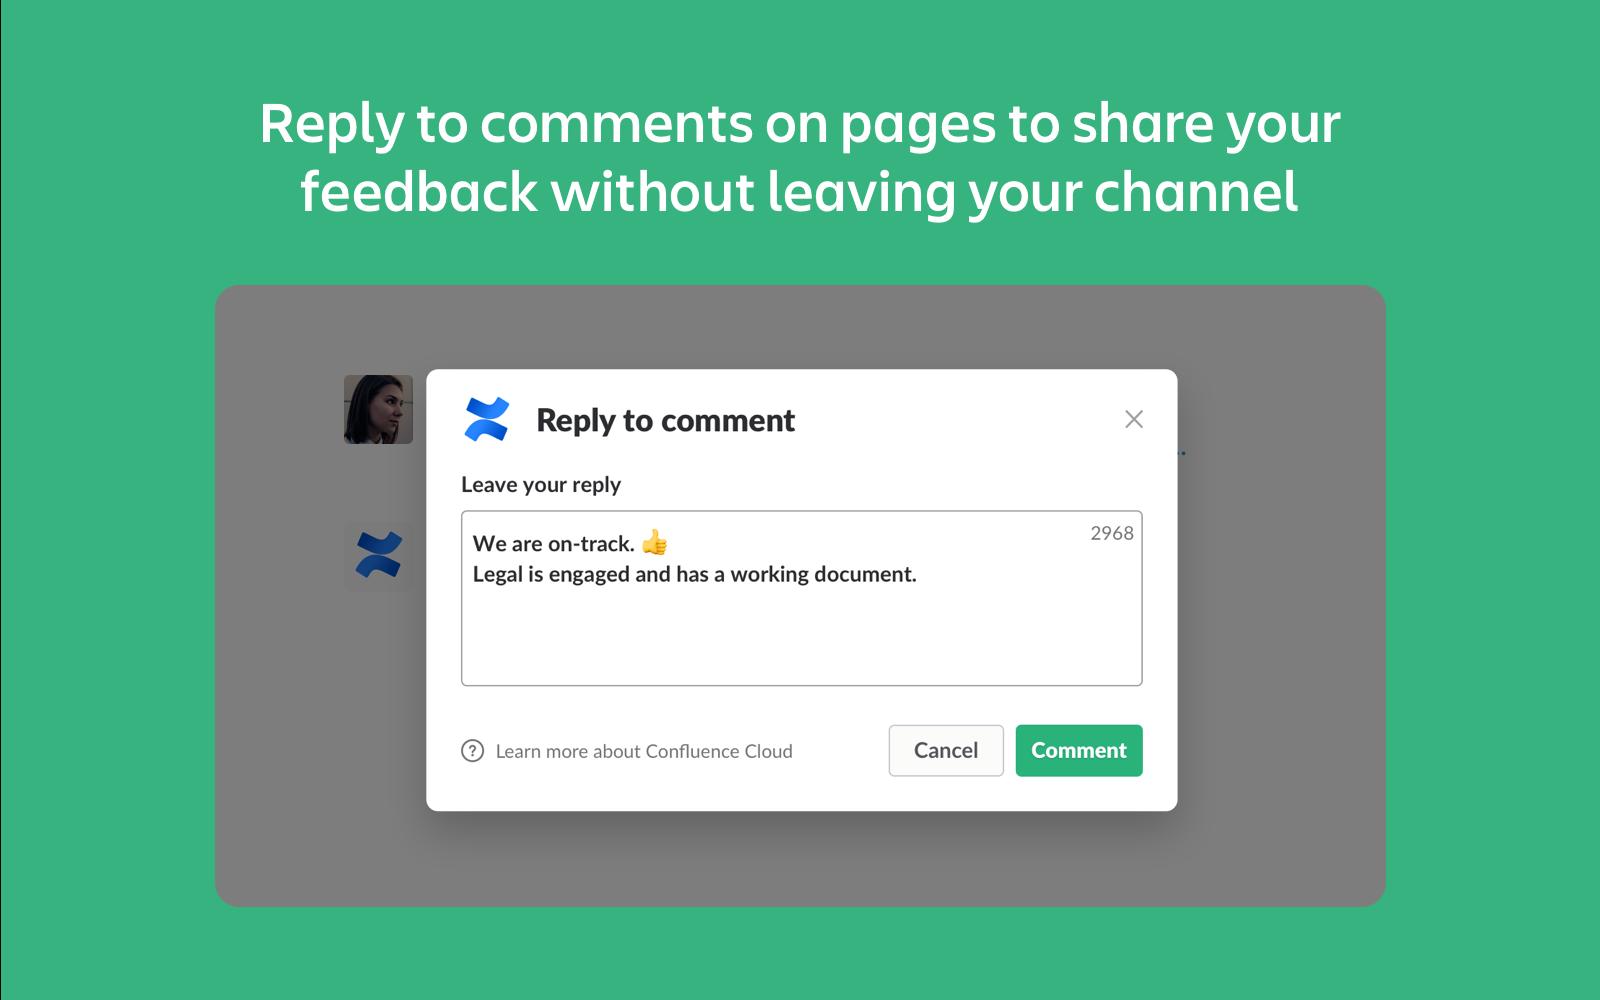 在不离开 Slack 渠道的情况下回复 Confluence 页面上的评论